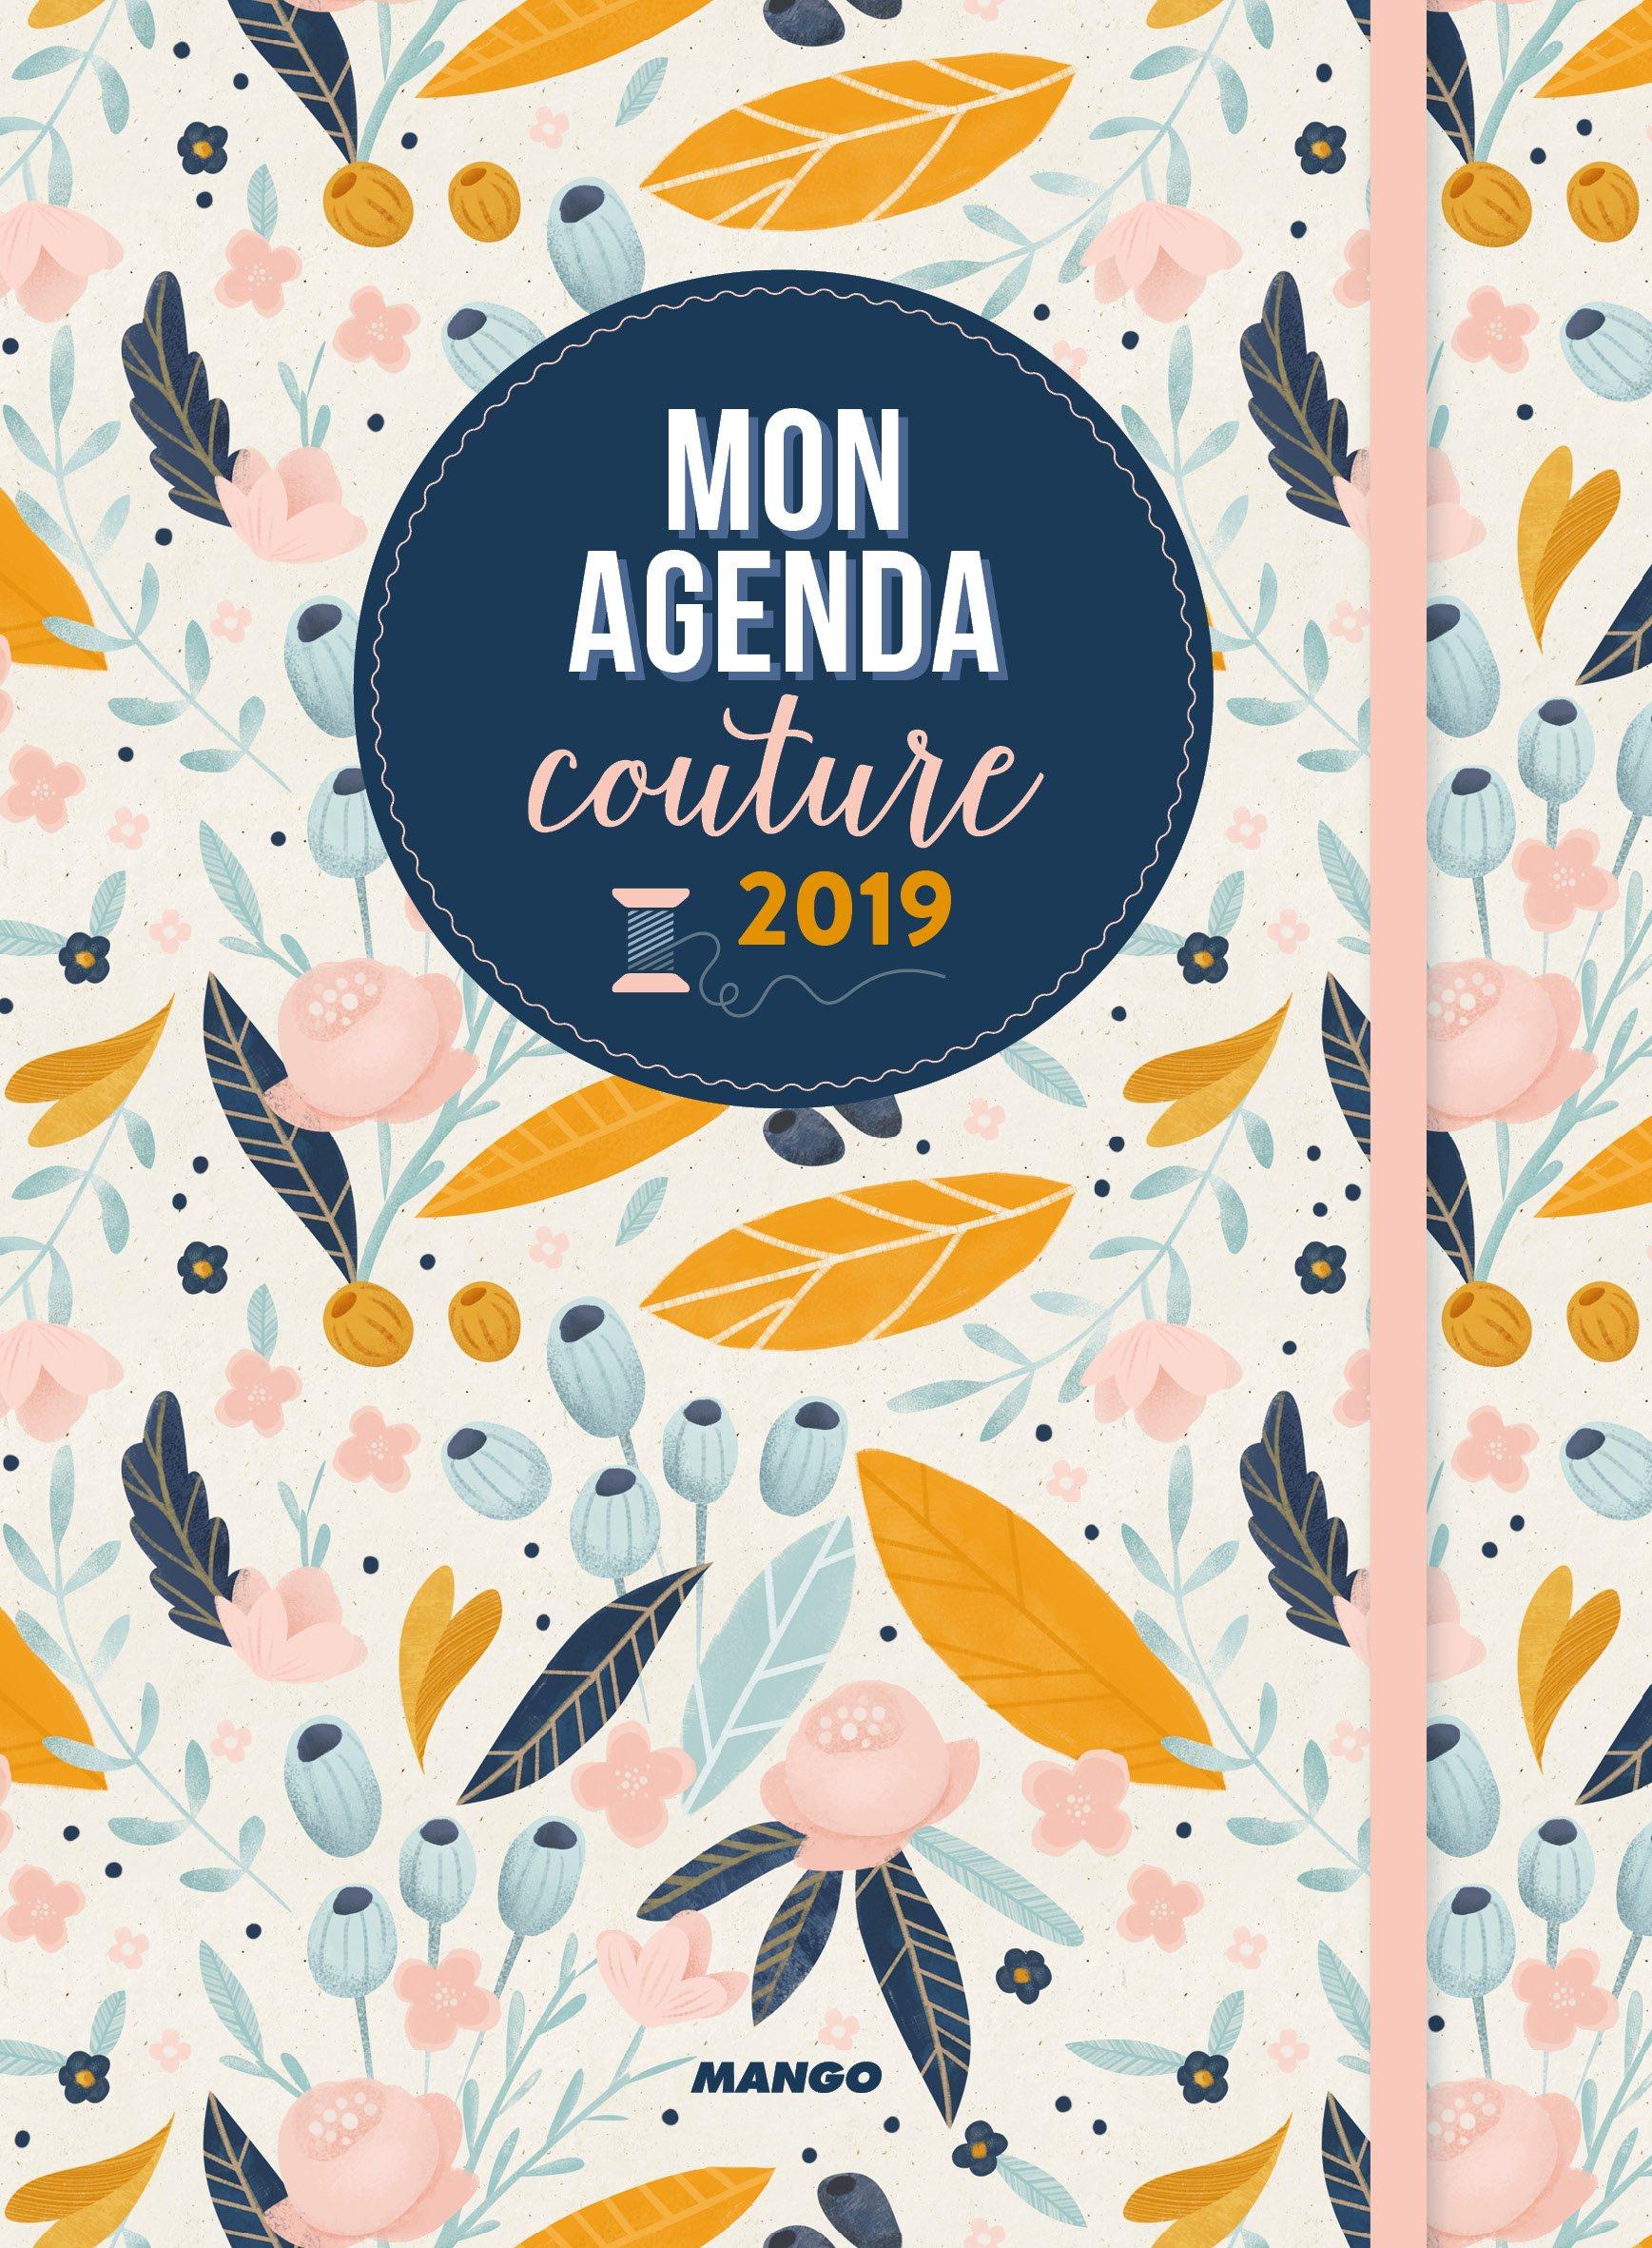 Mon agenda couture 2019 Relié – 17 août 2018 Julie Bajic MANGO 2317012675 Agendas